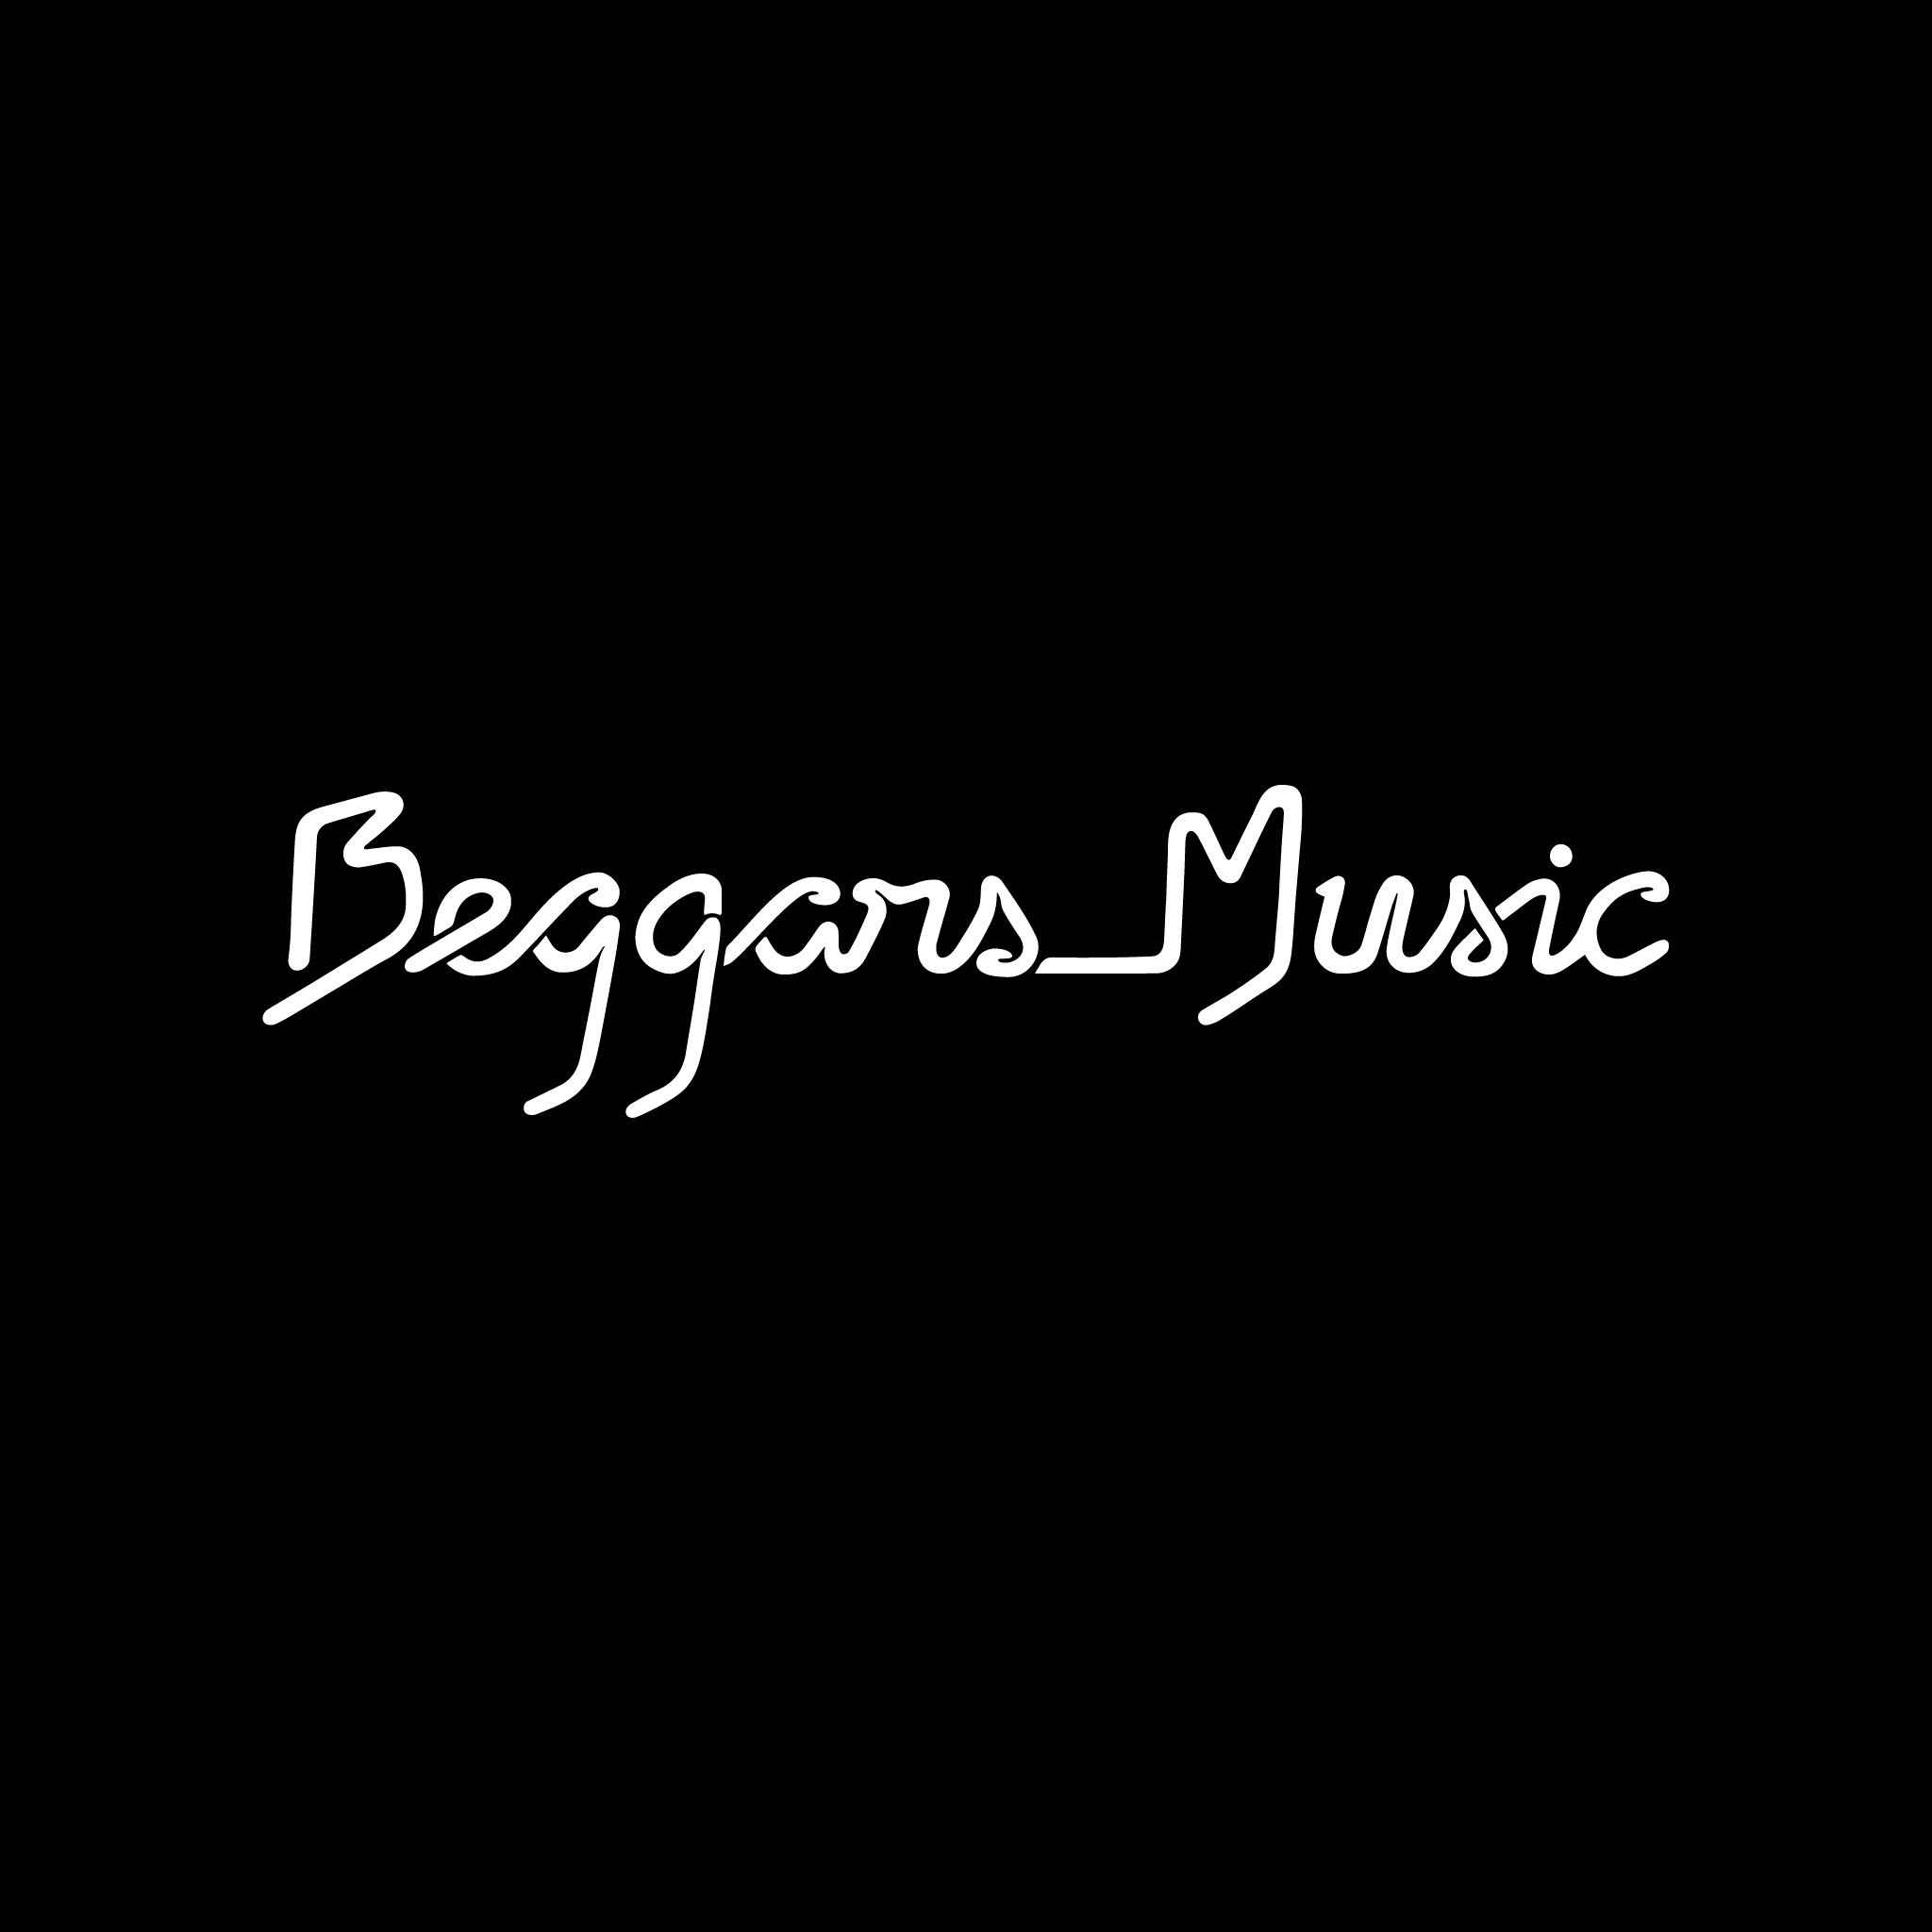 beggars music